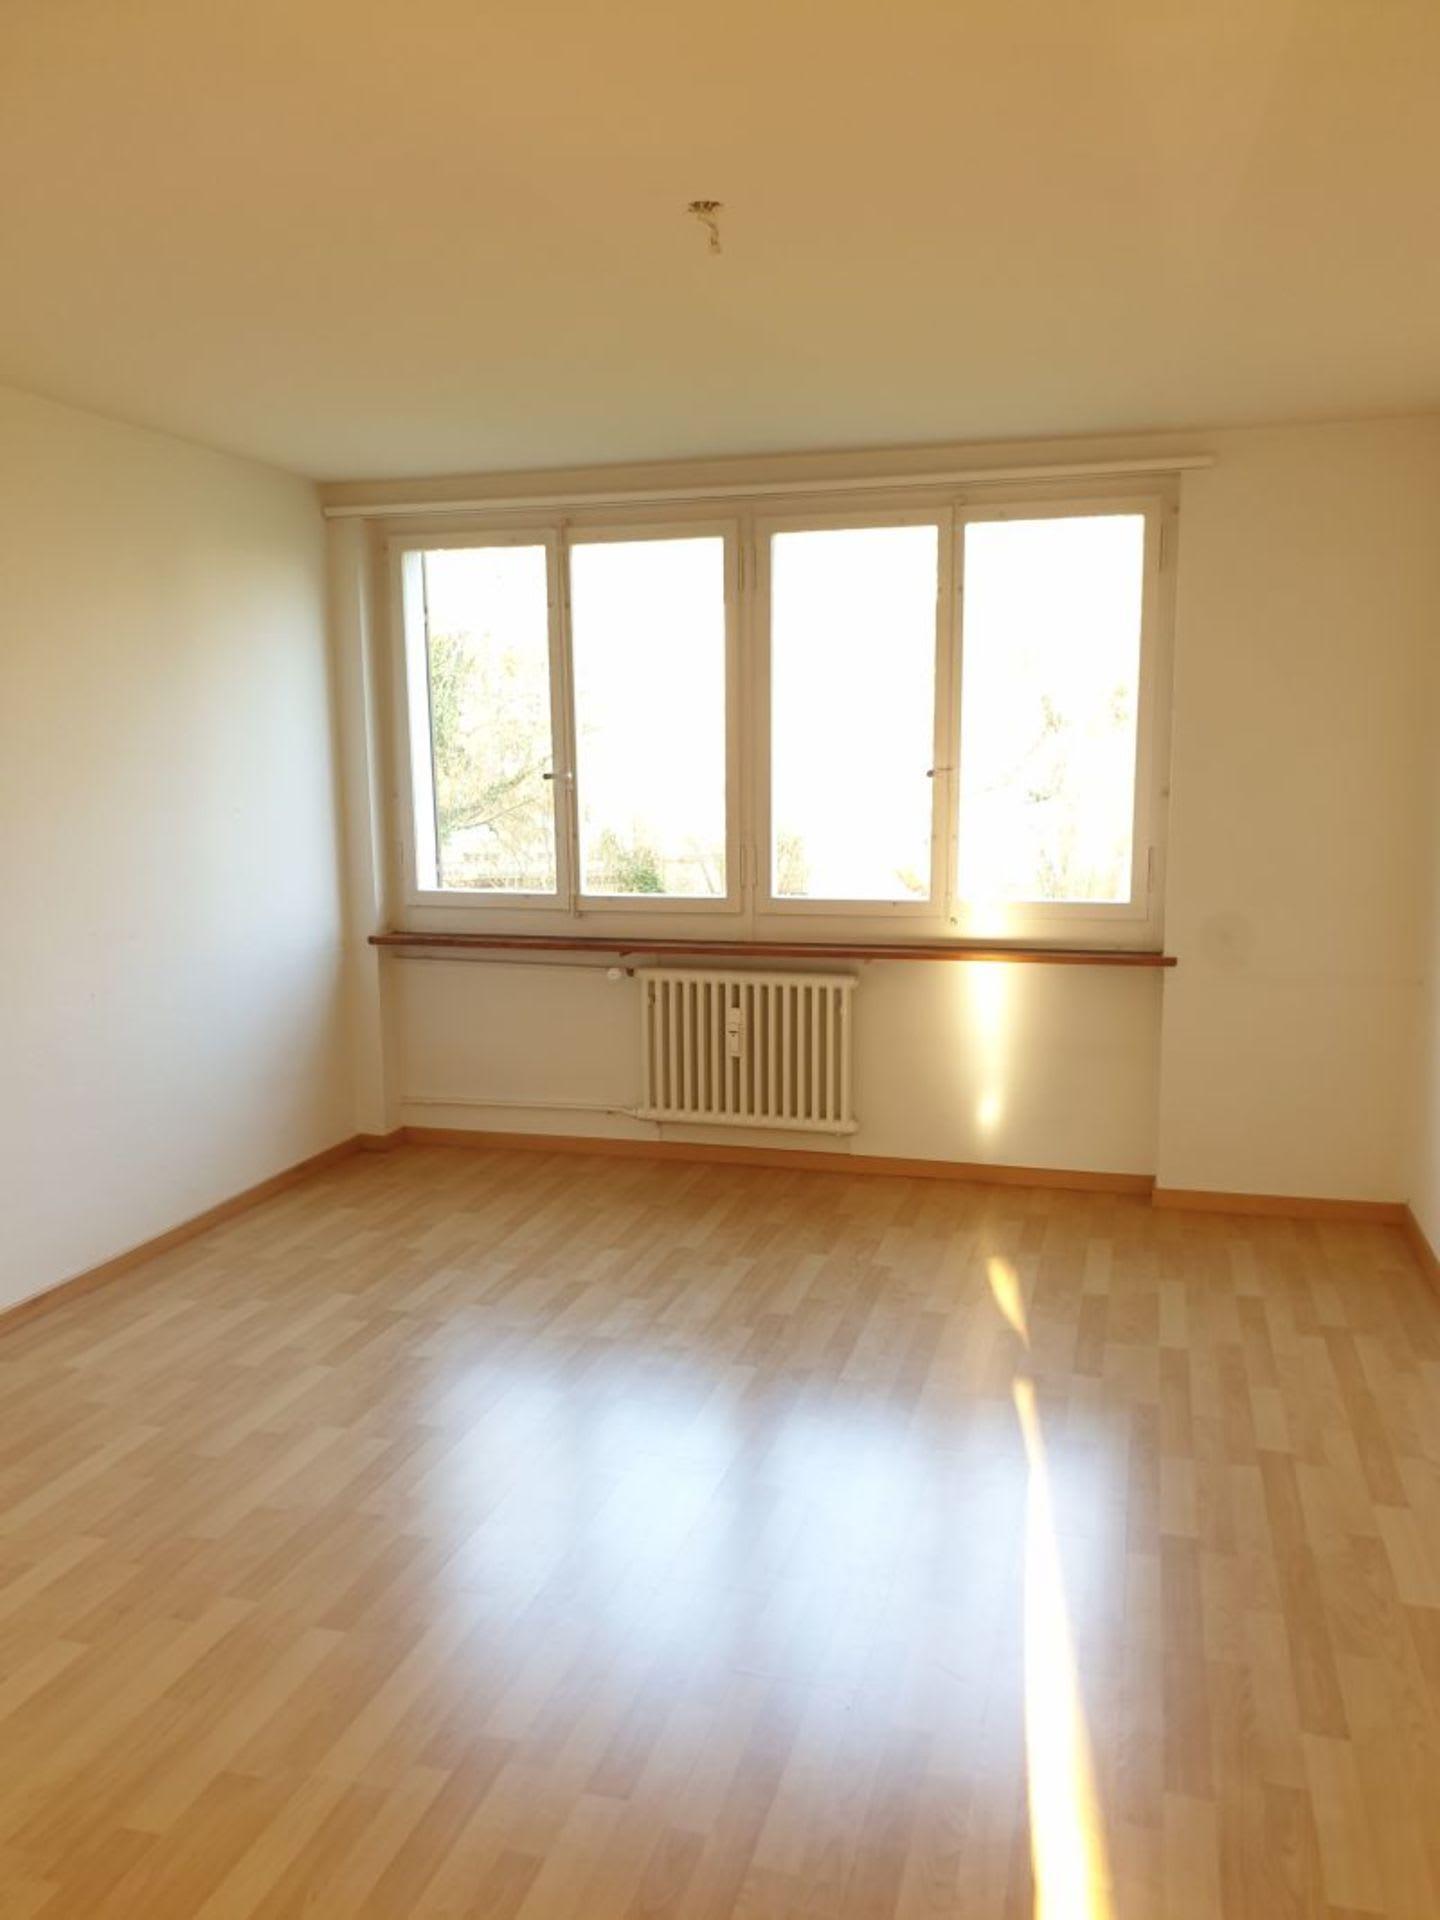 Schlossbergstrasse 6